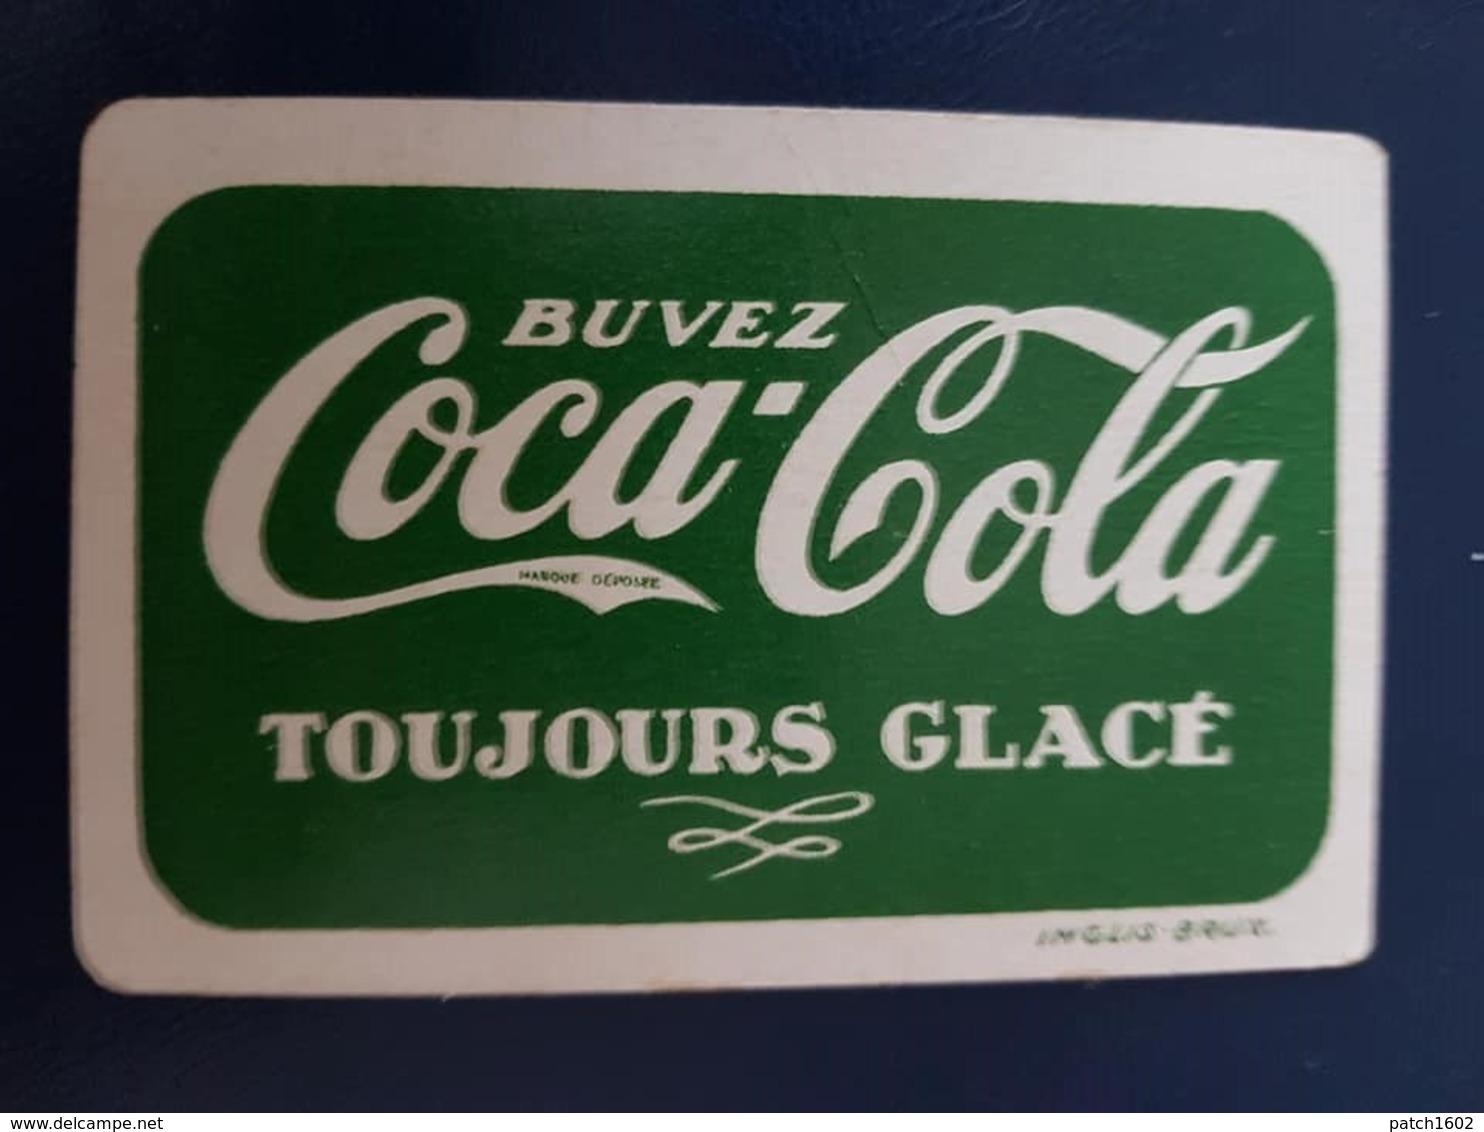 Coca Cola Une Carte à Jouer Jeu Cartes - Cartes à Jouer